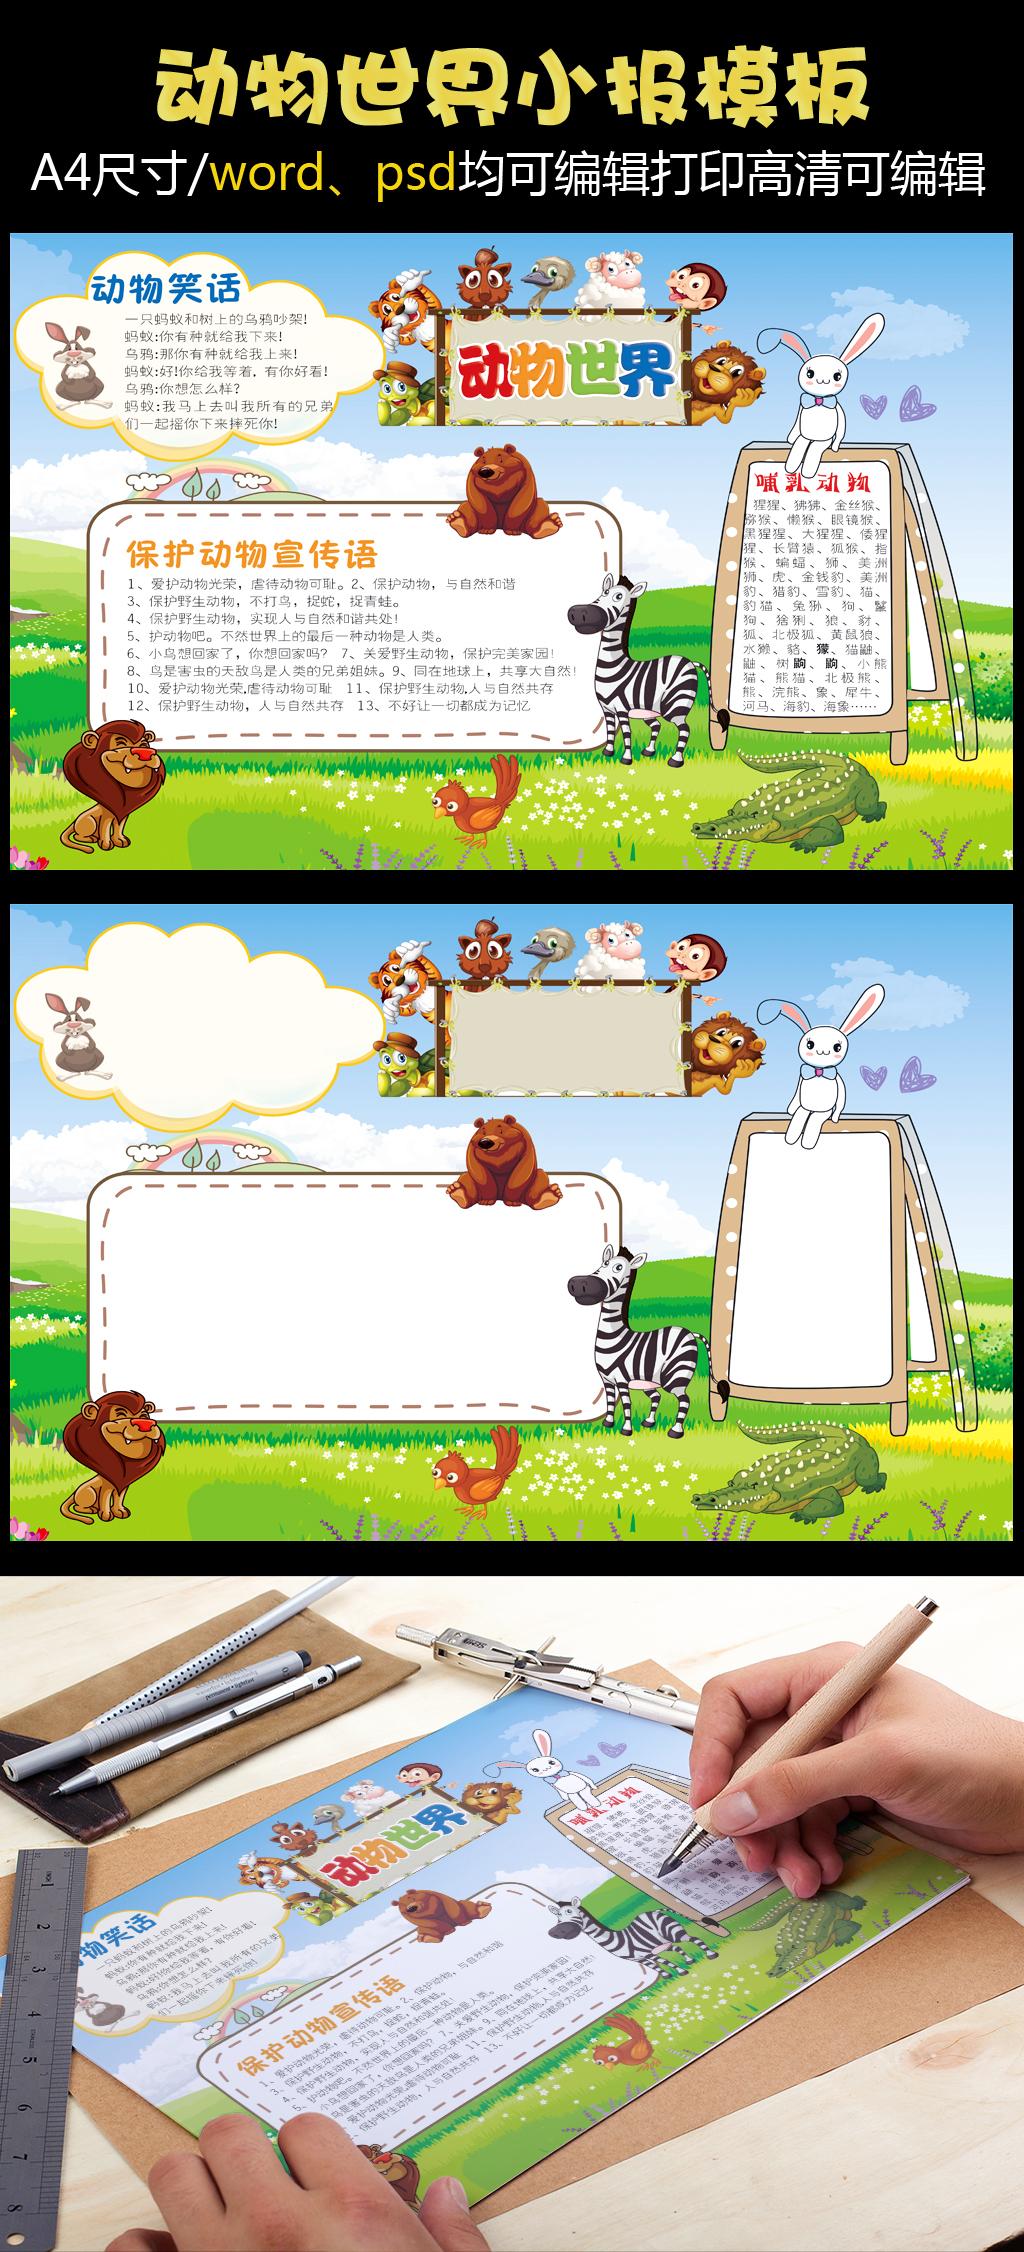 卡通保护动物小报动物世界手抄报电子.图片设计素材